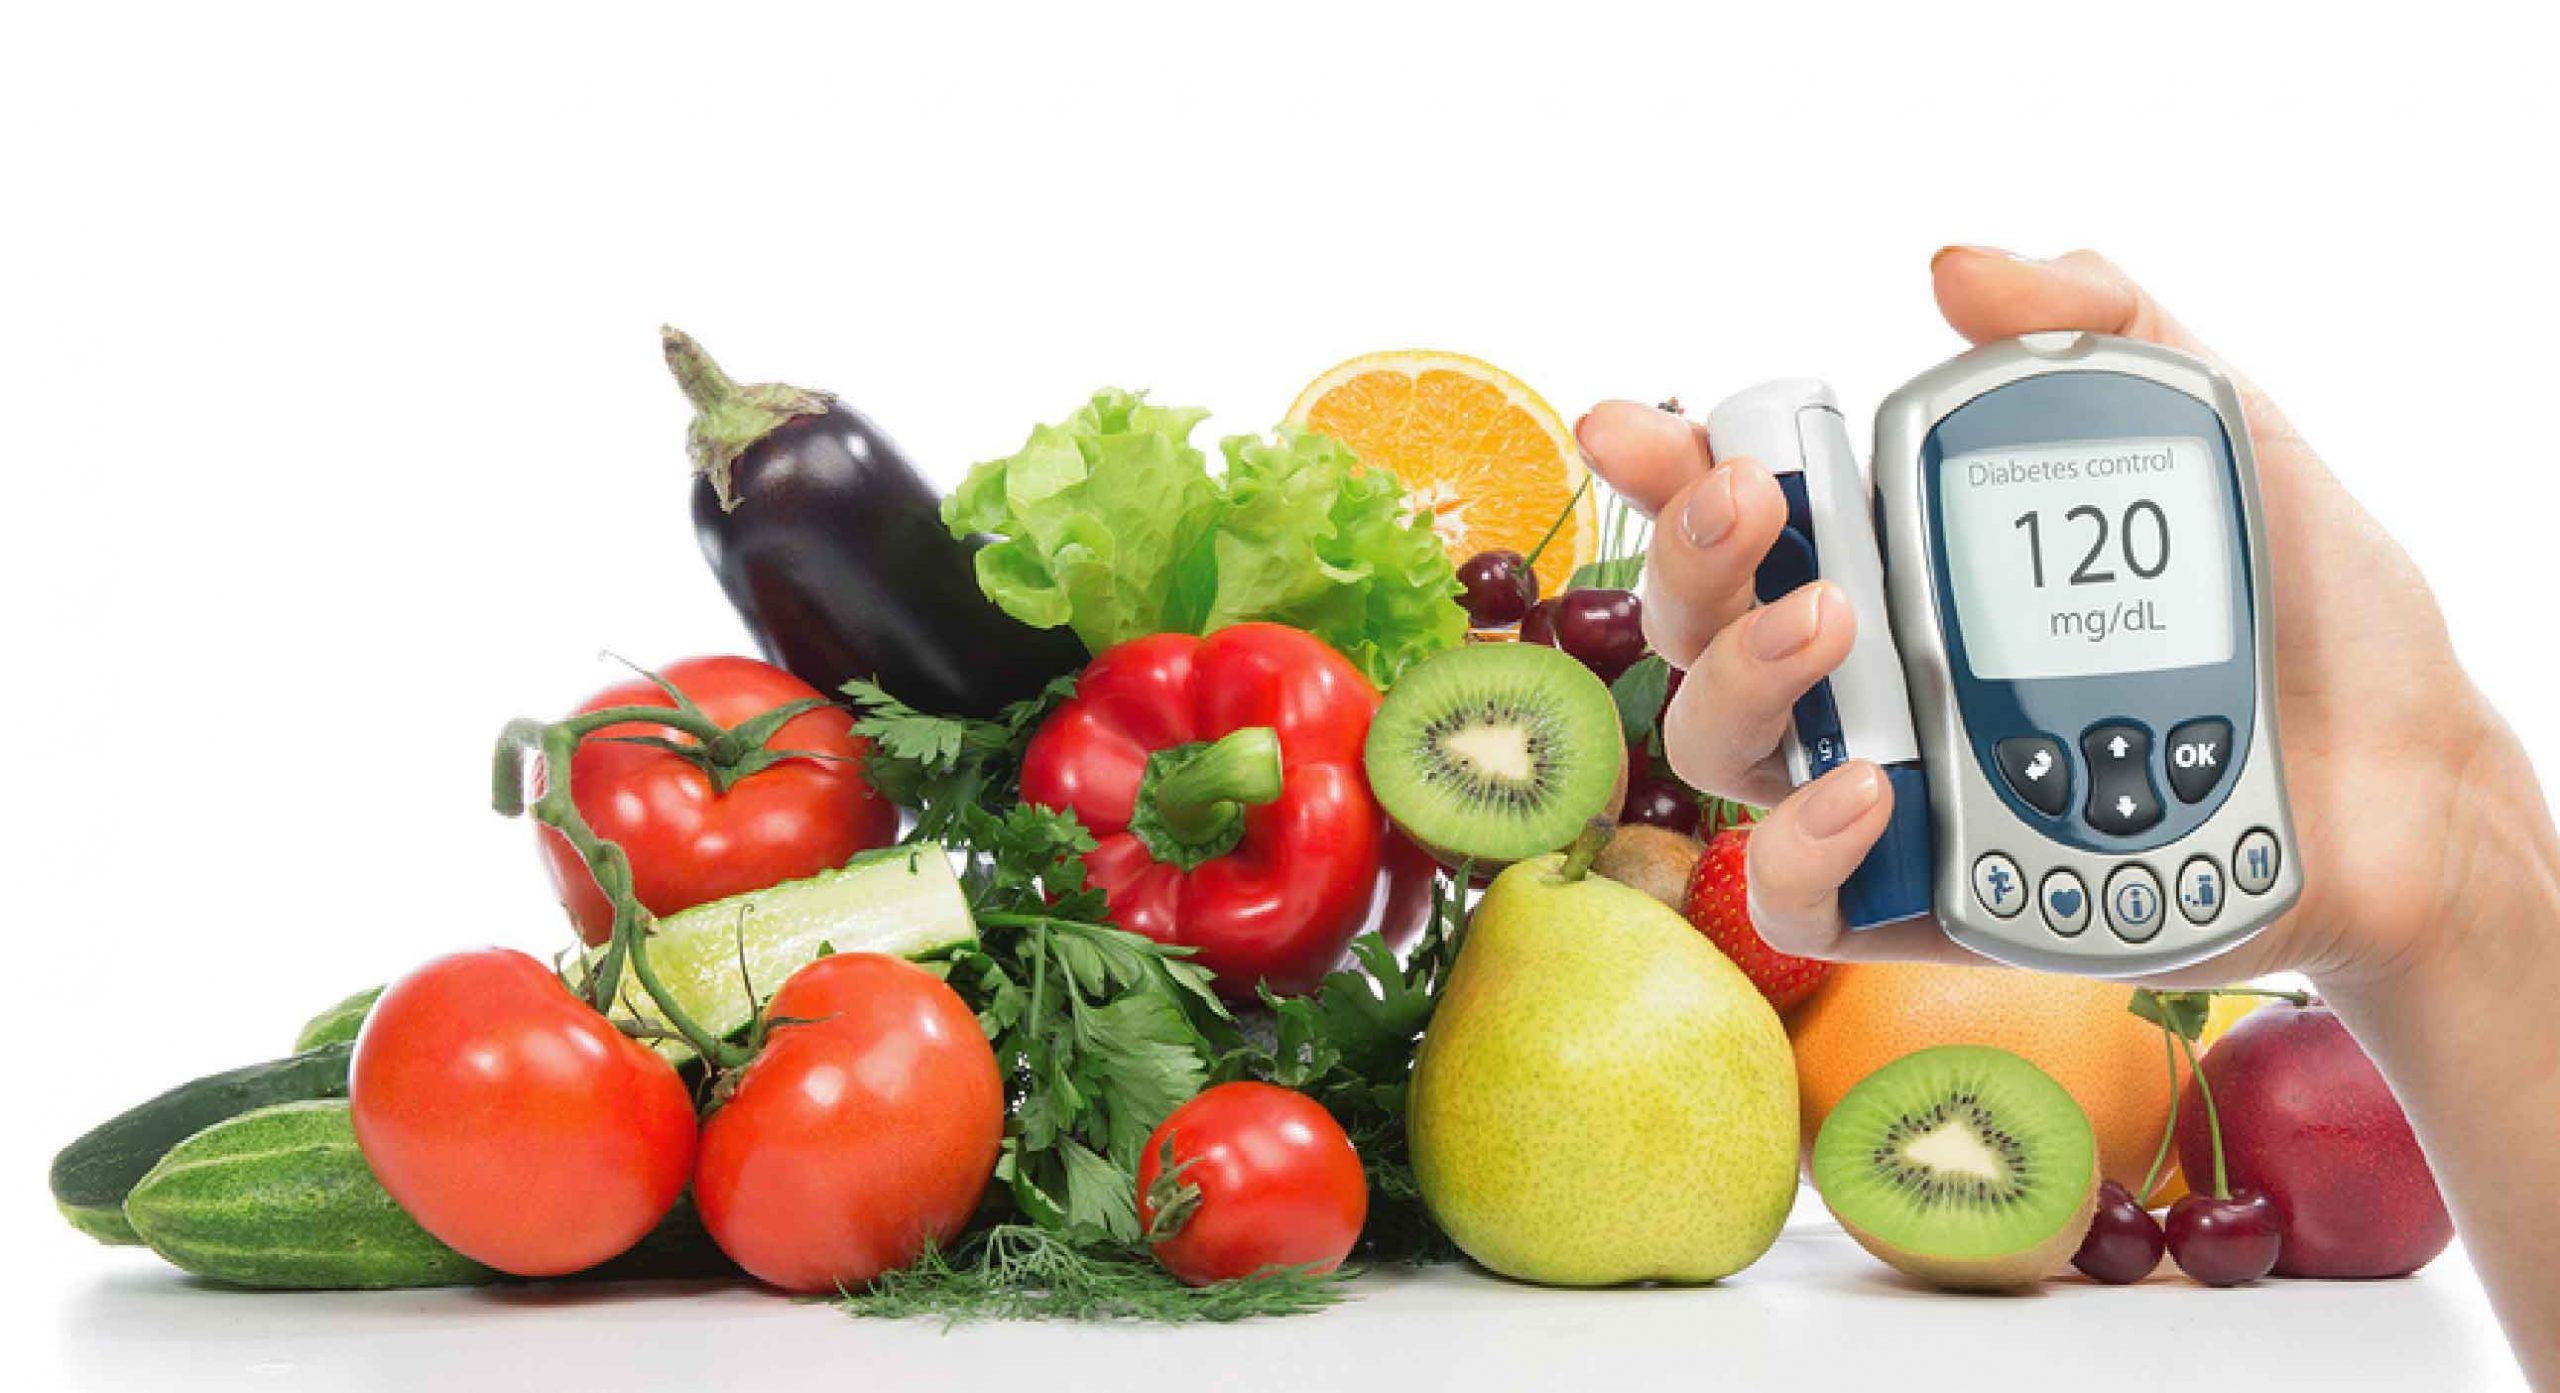 رژیم غذایی در دیابت   مرکز خدمات بالینی در منزل پارسیان مهرپرور